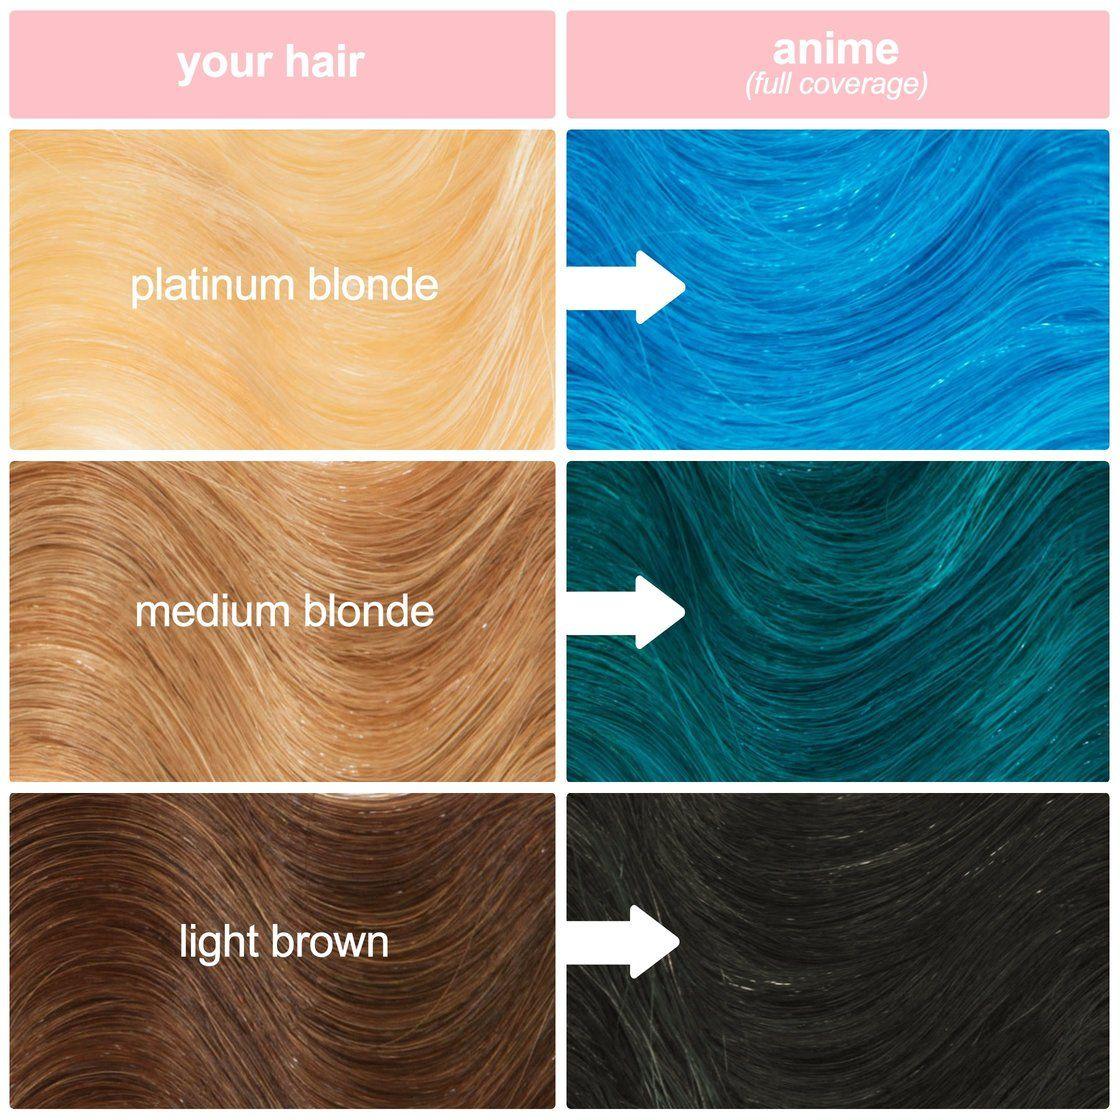 Anime Hair Color Meaning 14078 24 Best Anime Hair Drawing Images In 2017 Anime Hair Color How To Draw Anime Hair Anime Hair